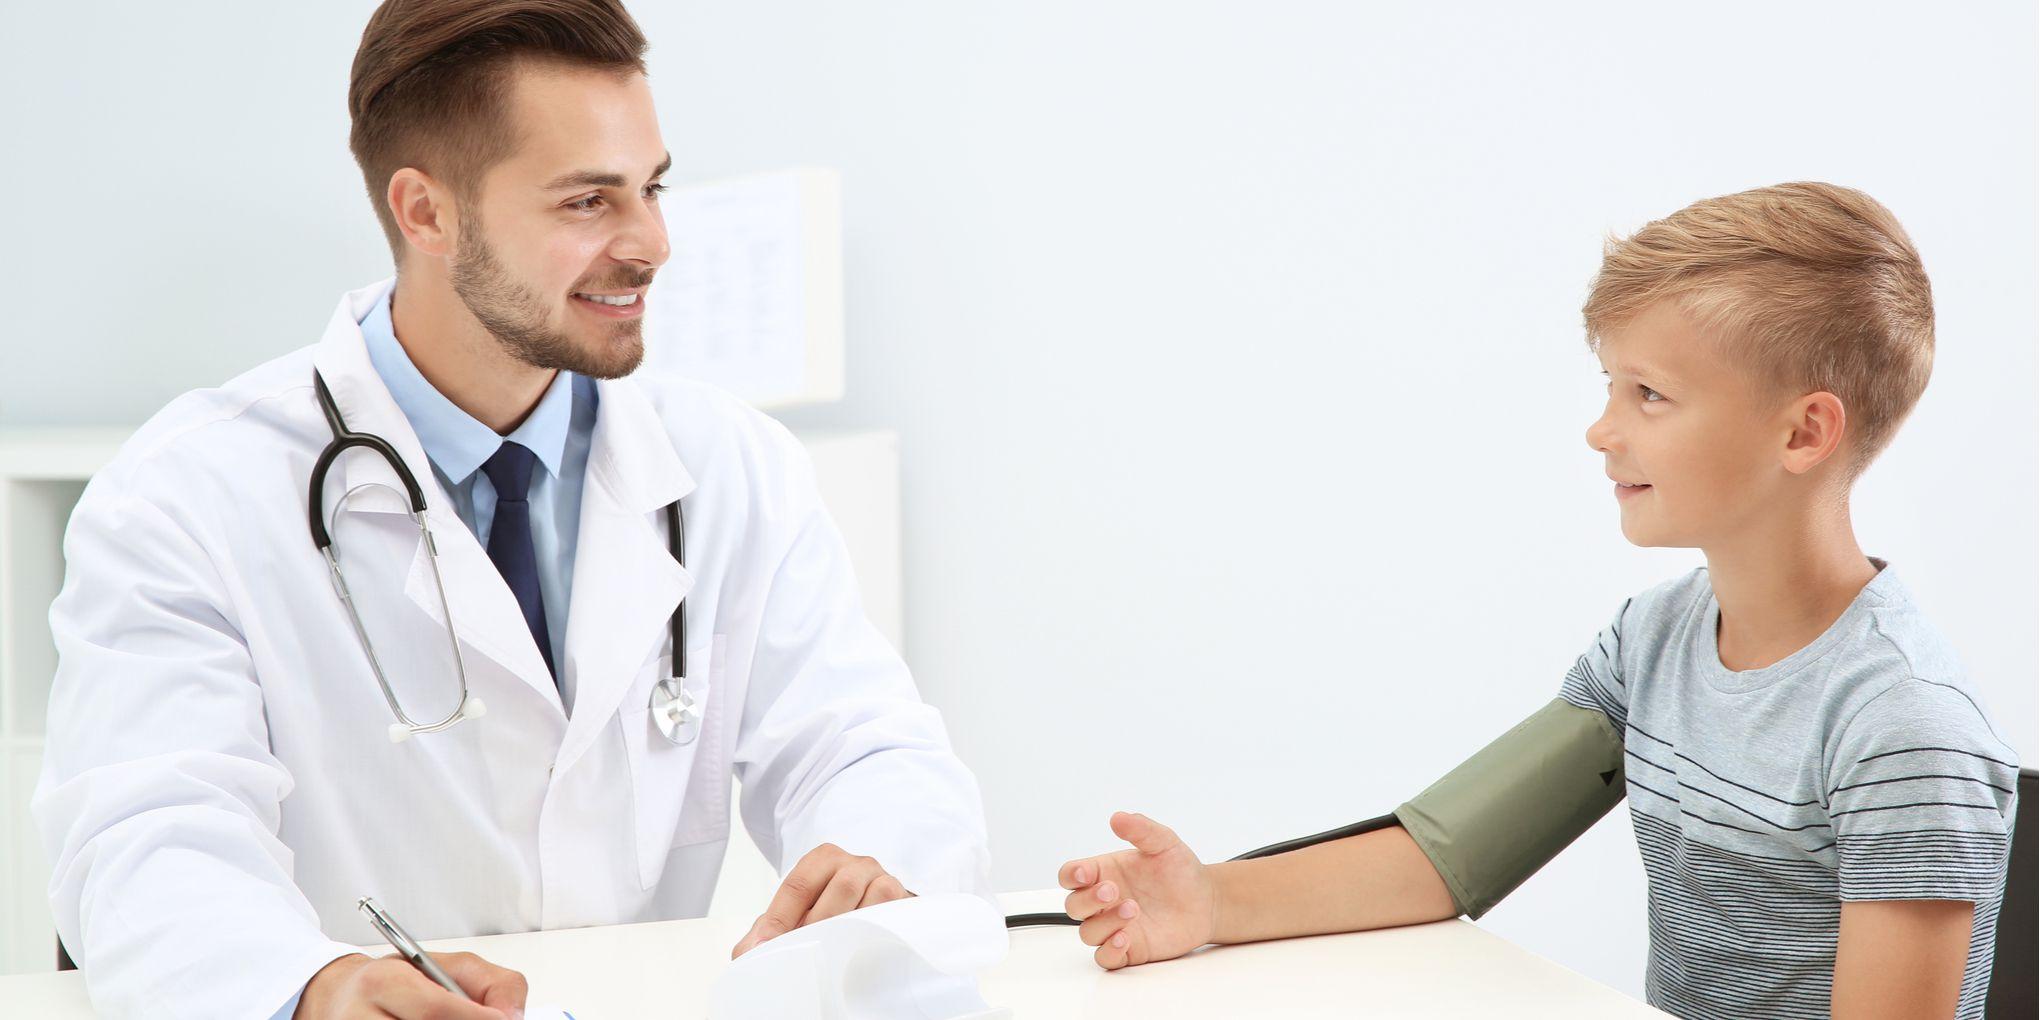 koji doktor da se savjetuje s hipertenzijom